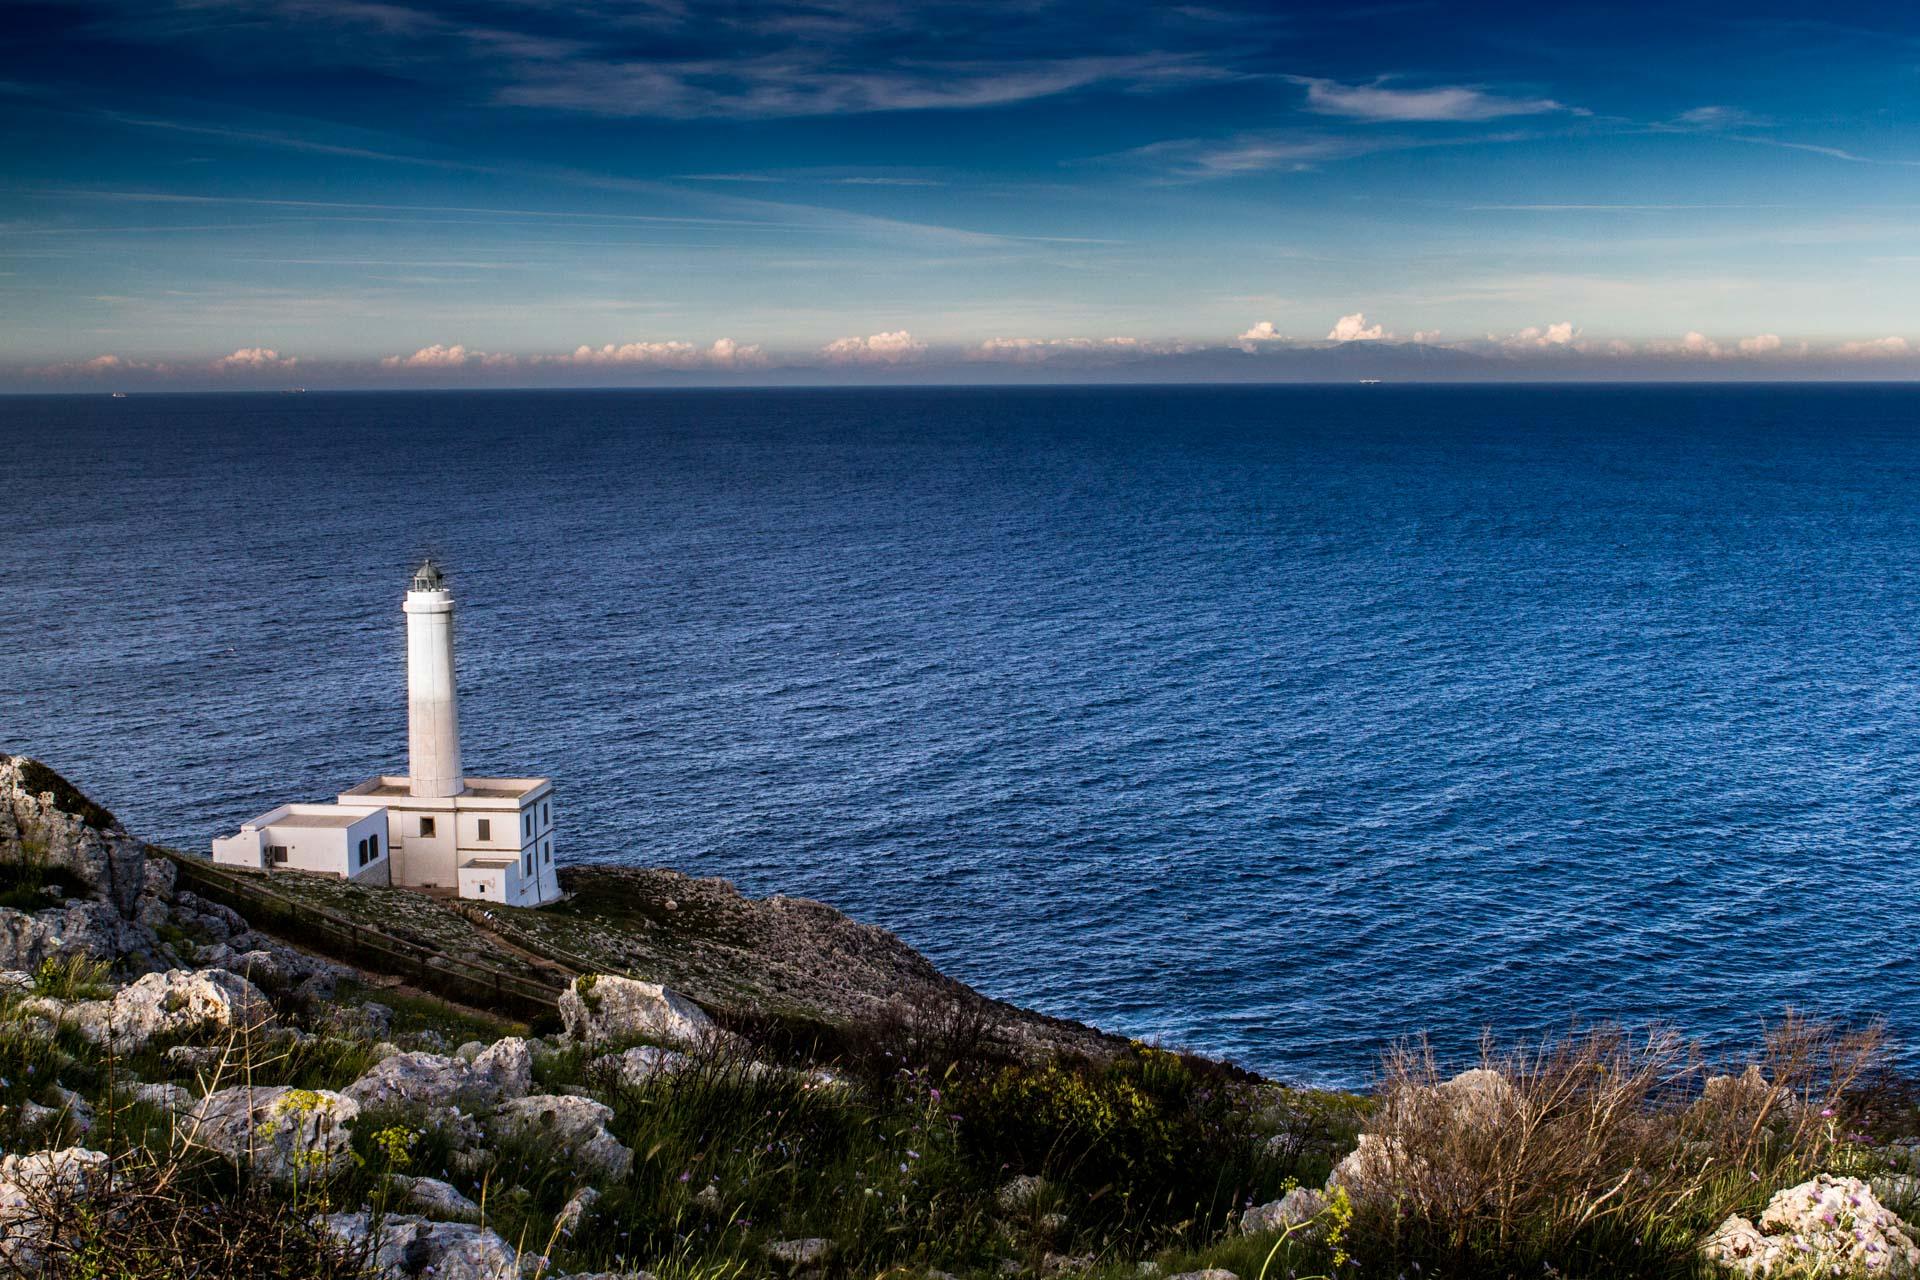 Il faro di Punta Palascia del Capo d'Otranto che guarda il mare e le montagne dell'Albania